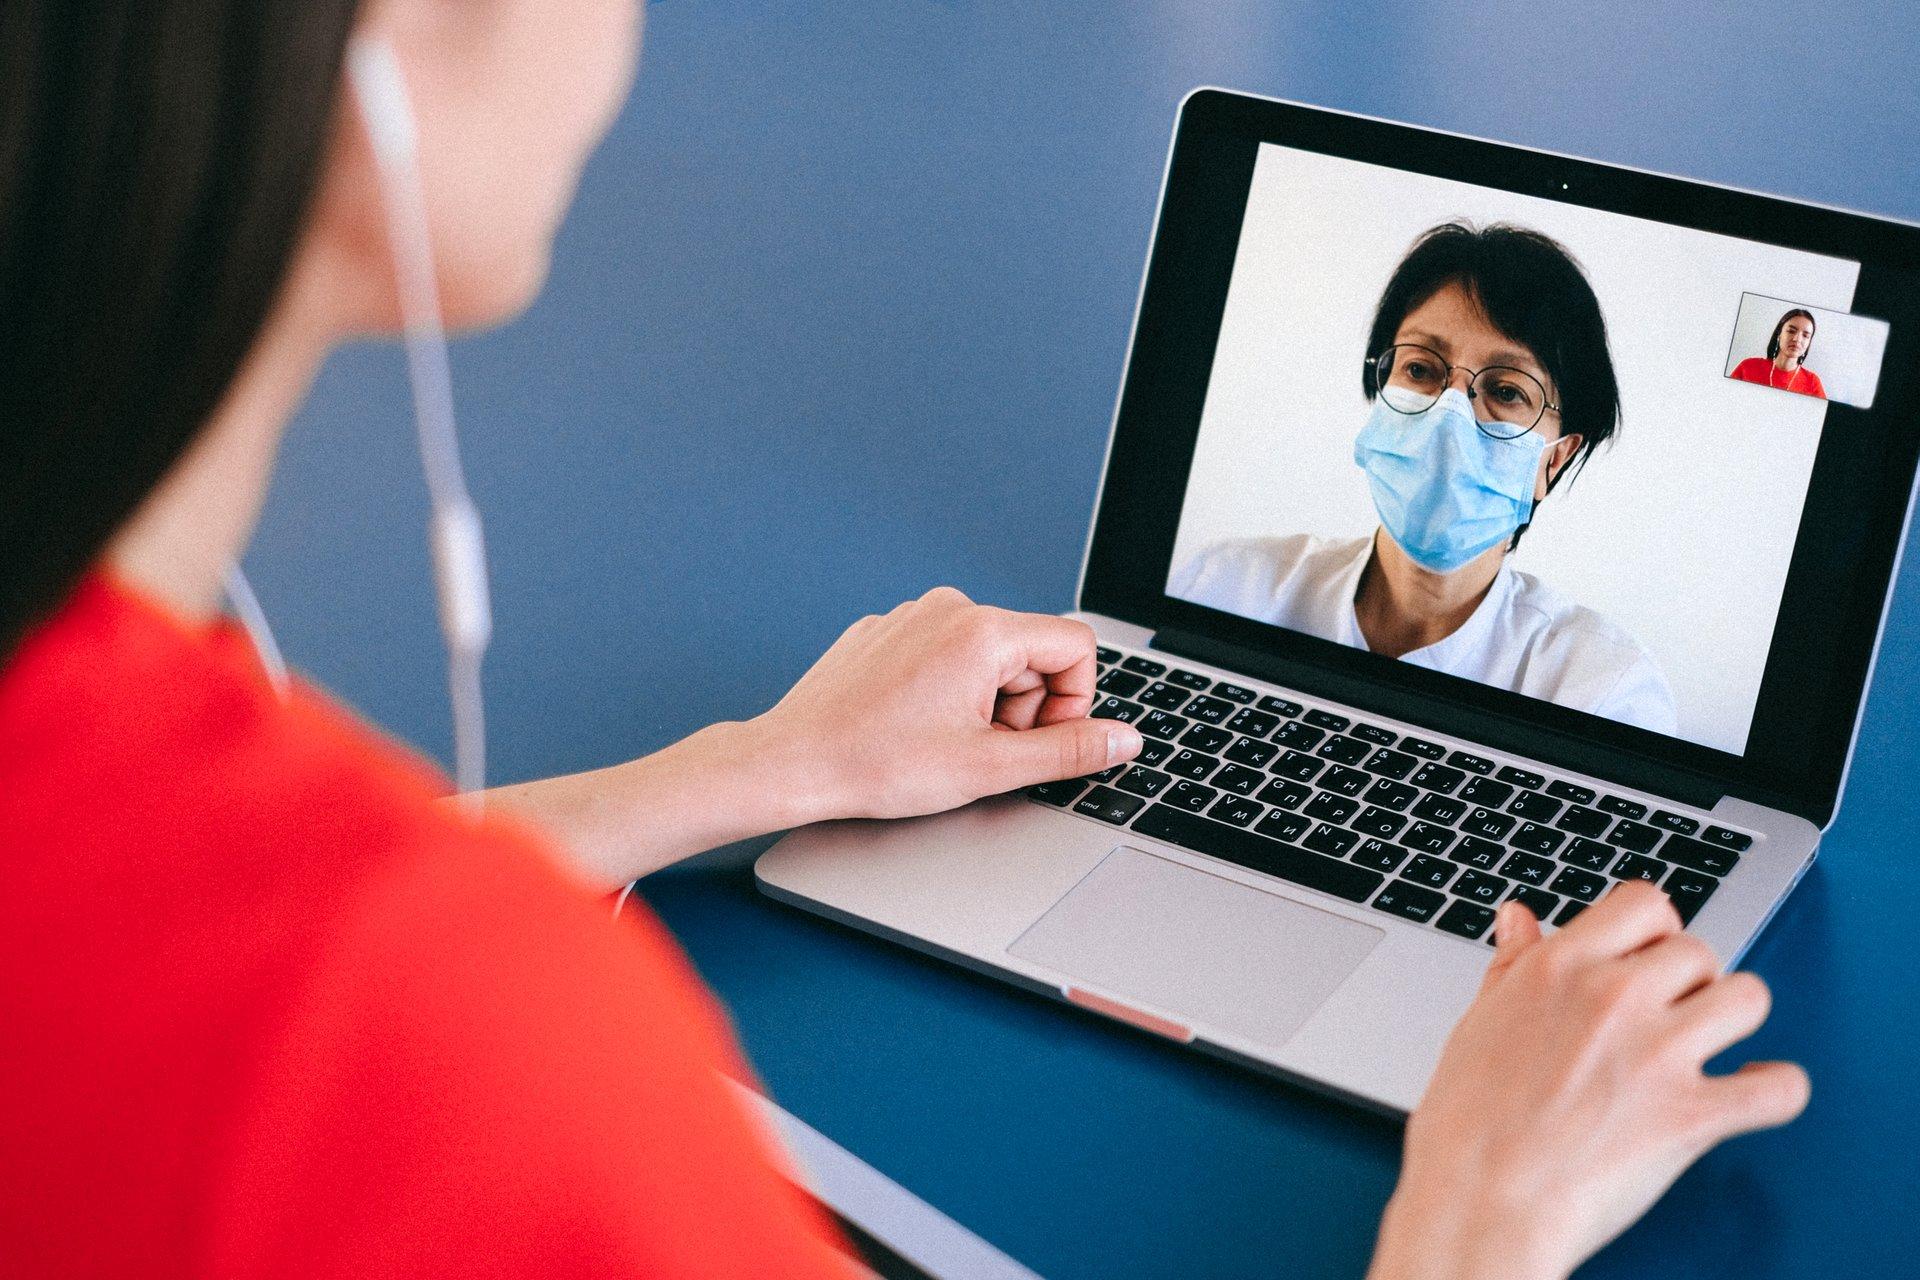 Frau bei eine Videosprechstunde am Laptop mit Arzt